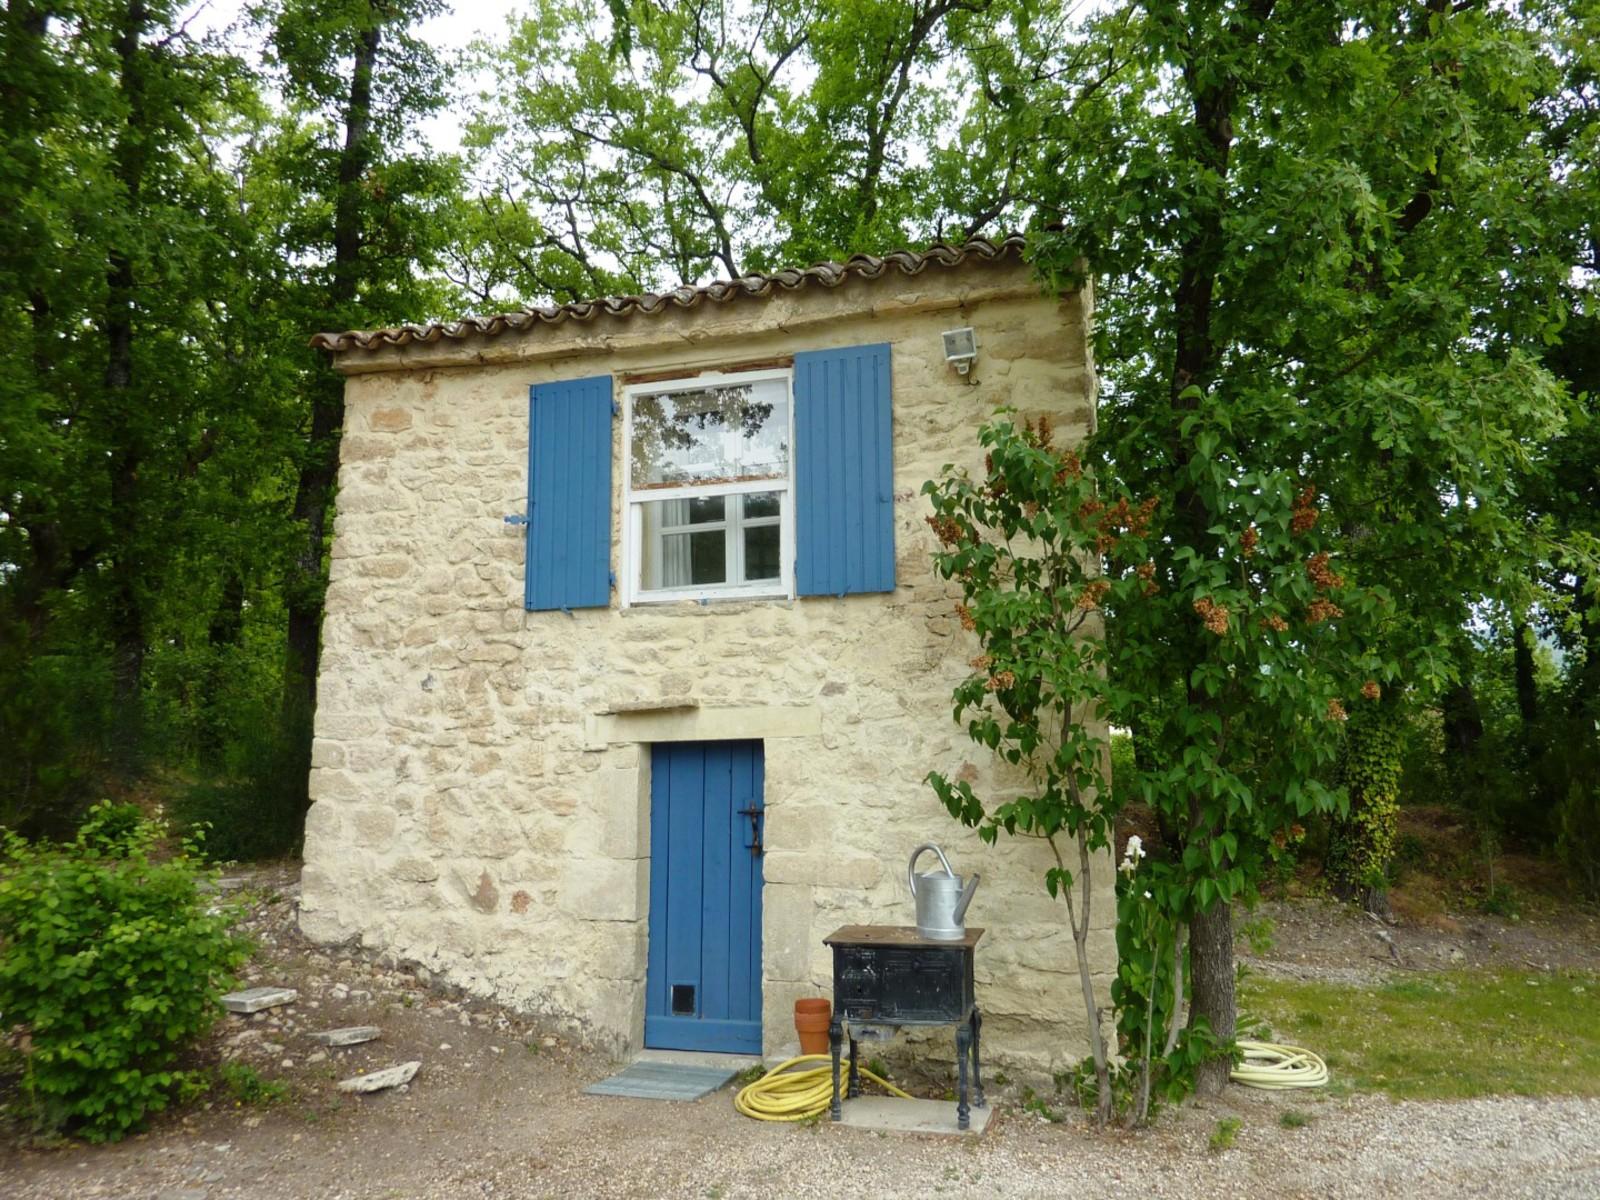 A vendre villa en pierres gordes riani immobilier for Achat maison gordes